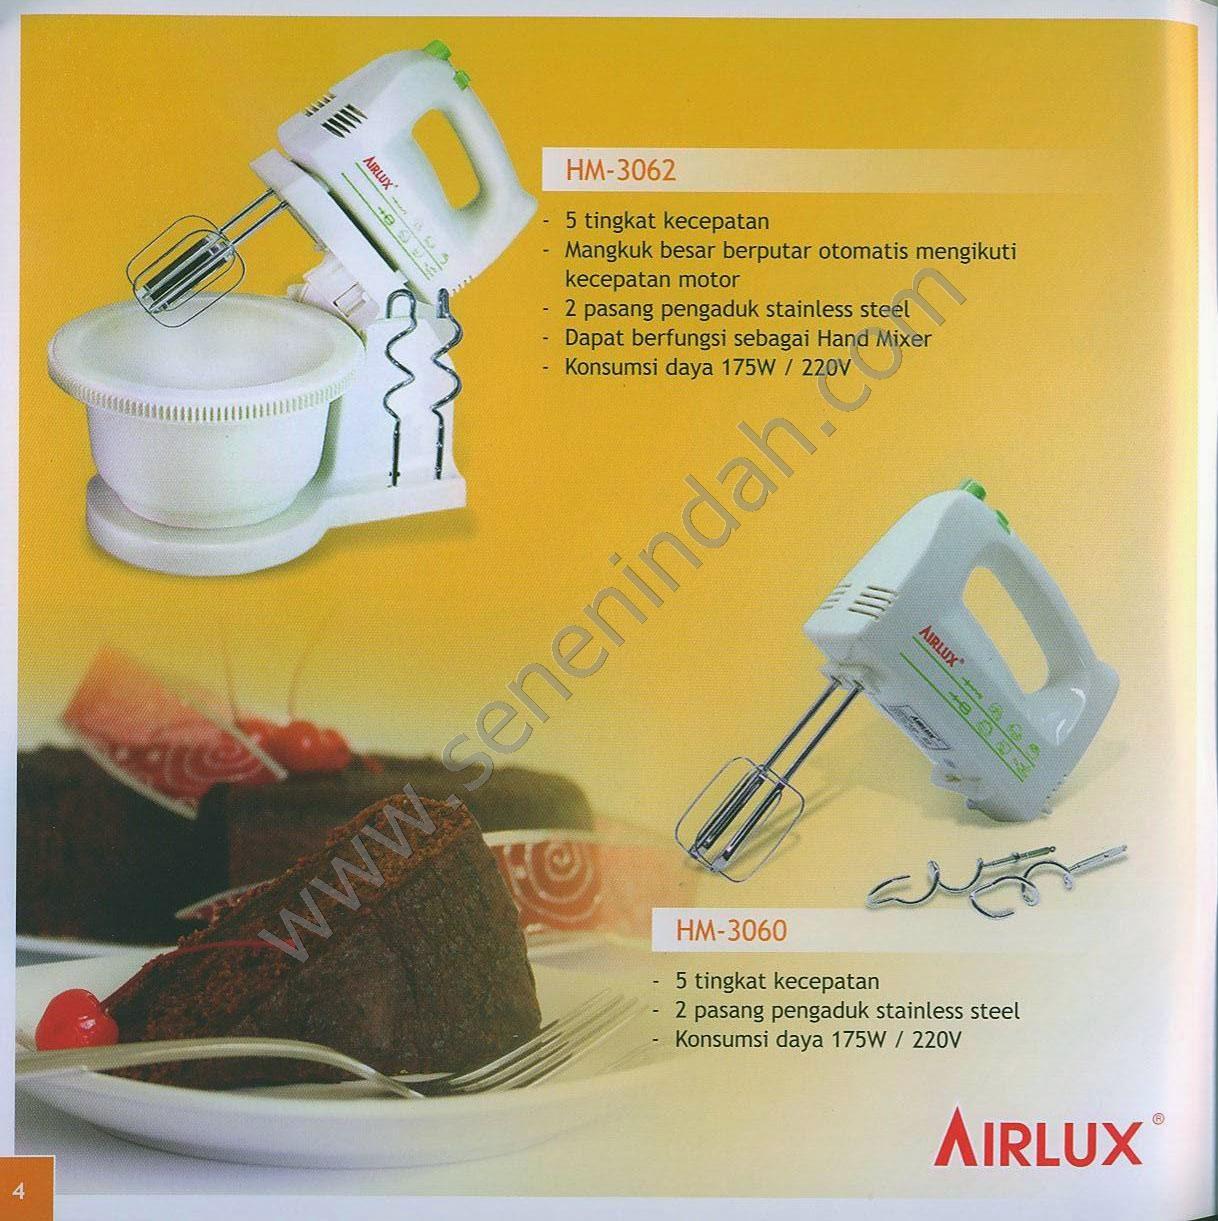 Airlux Senen Indah Pusat Peralatan Rumah Tangga Hotel Restoran Hand Mixer Hm 3060 Price List Ada Di Paling Bawah Tekan Ctrl F Lalu Ketik Kode Nama Produk